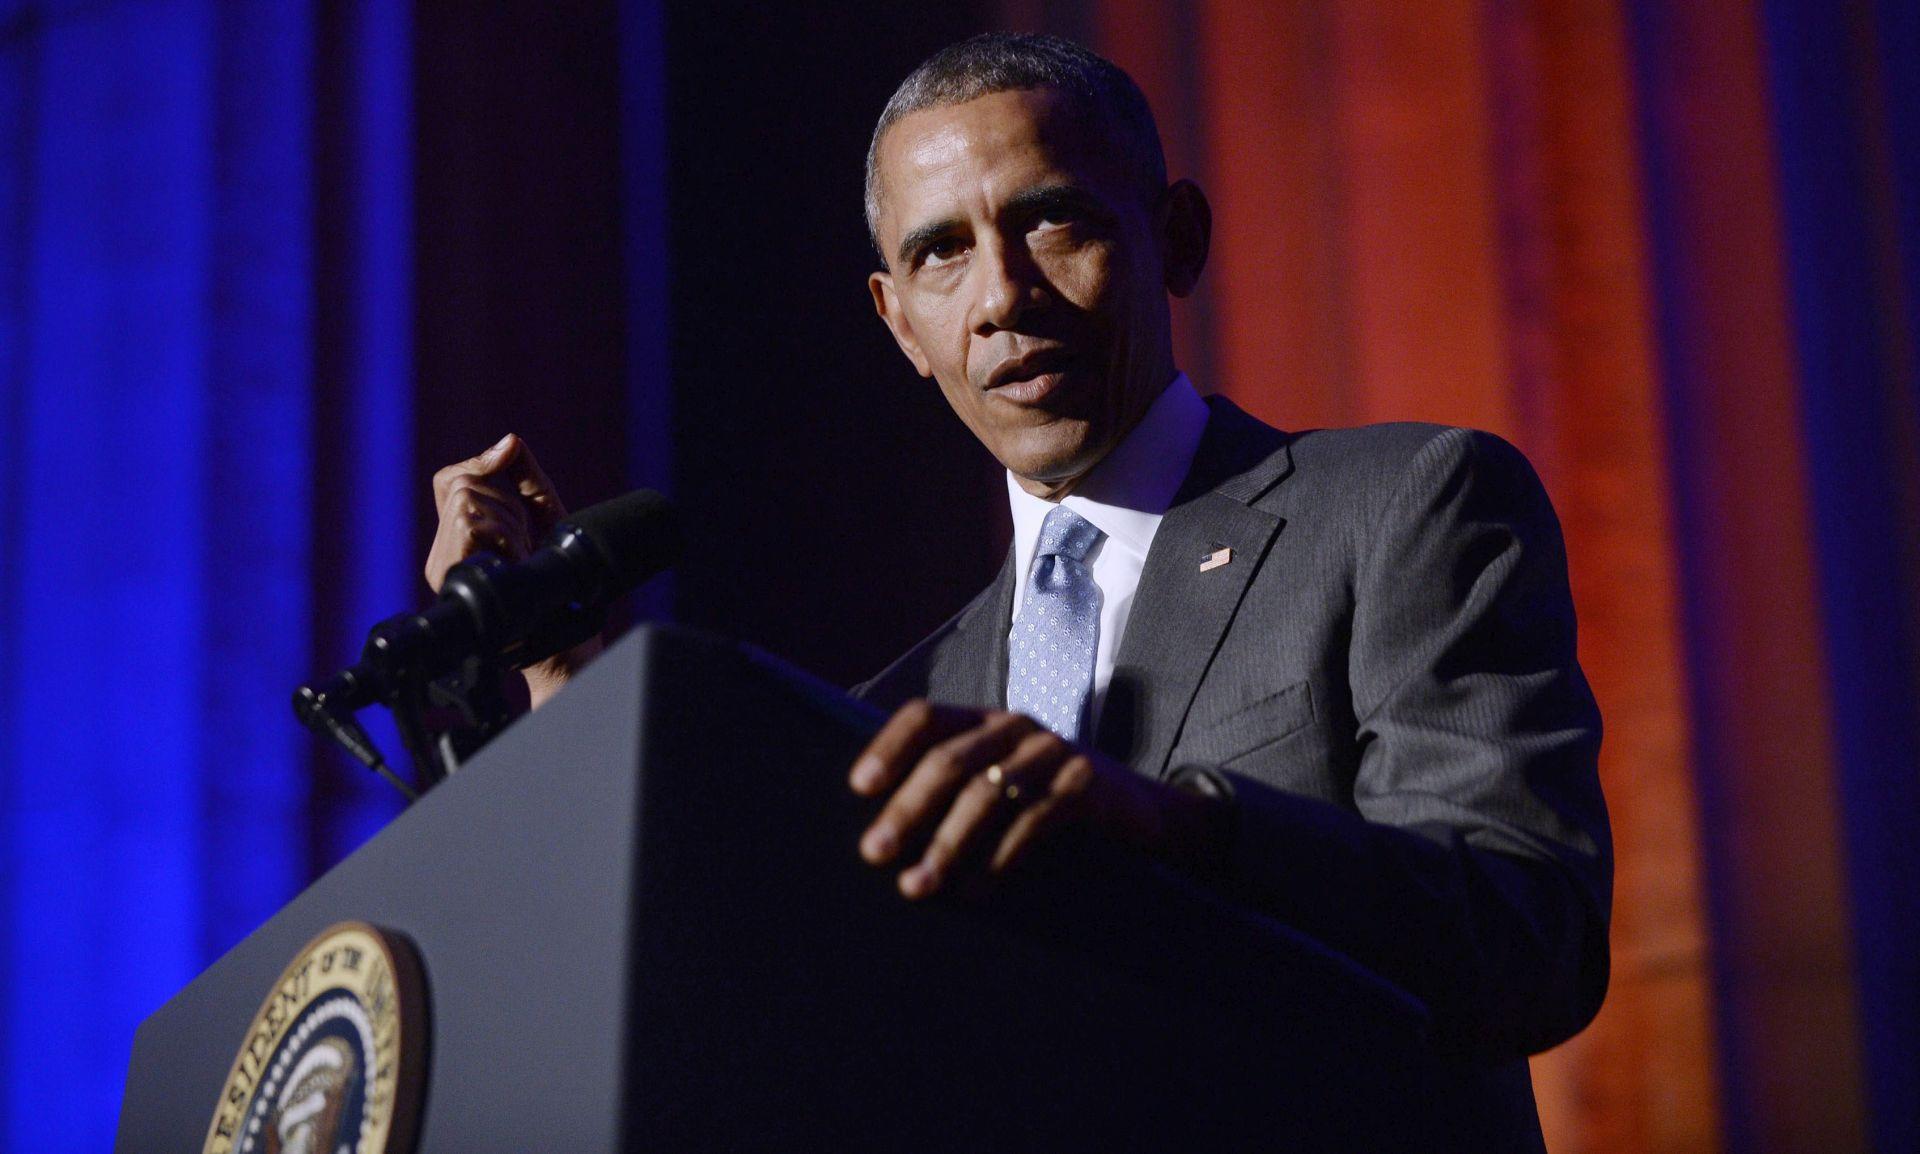 Obamin ključni prioritet je uništavanje Islamske države